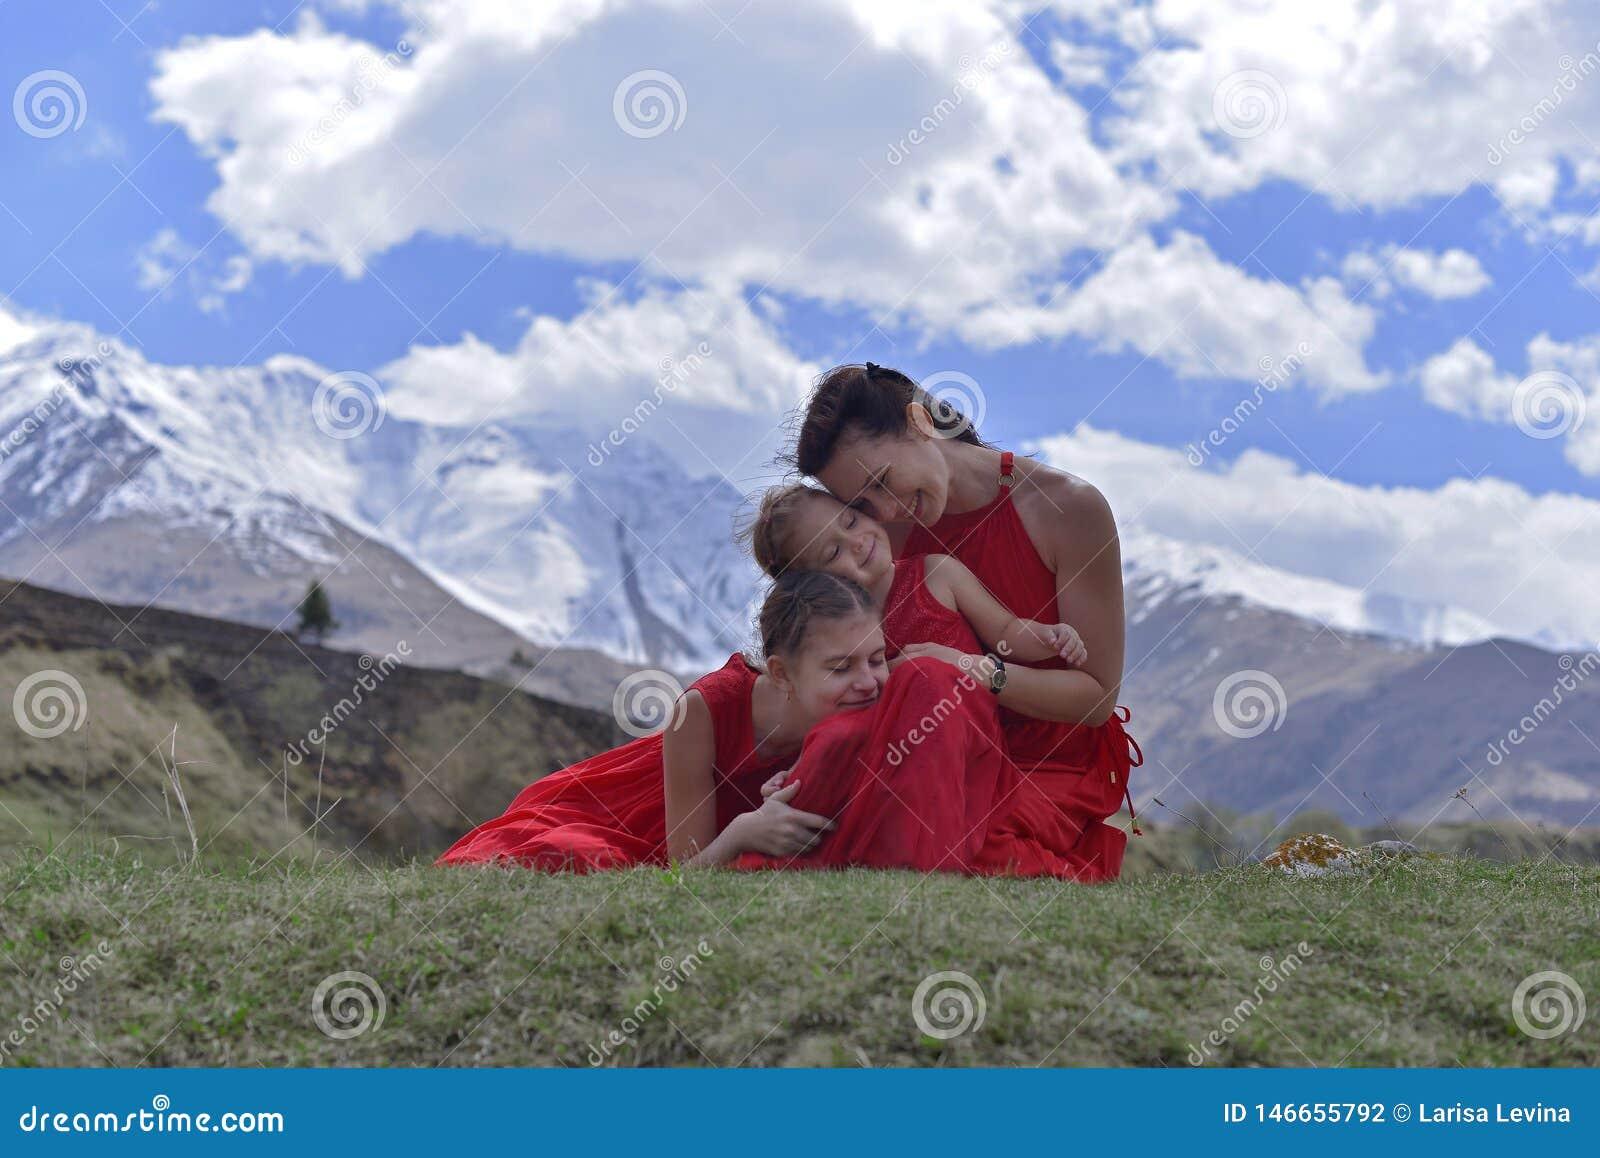 Eine junge Frau mit zwei T?chtern in den roten Kleidern, die im Fr?hjahr in den Schnee-mit einer Kappe bedeckten Bergen stillsteh